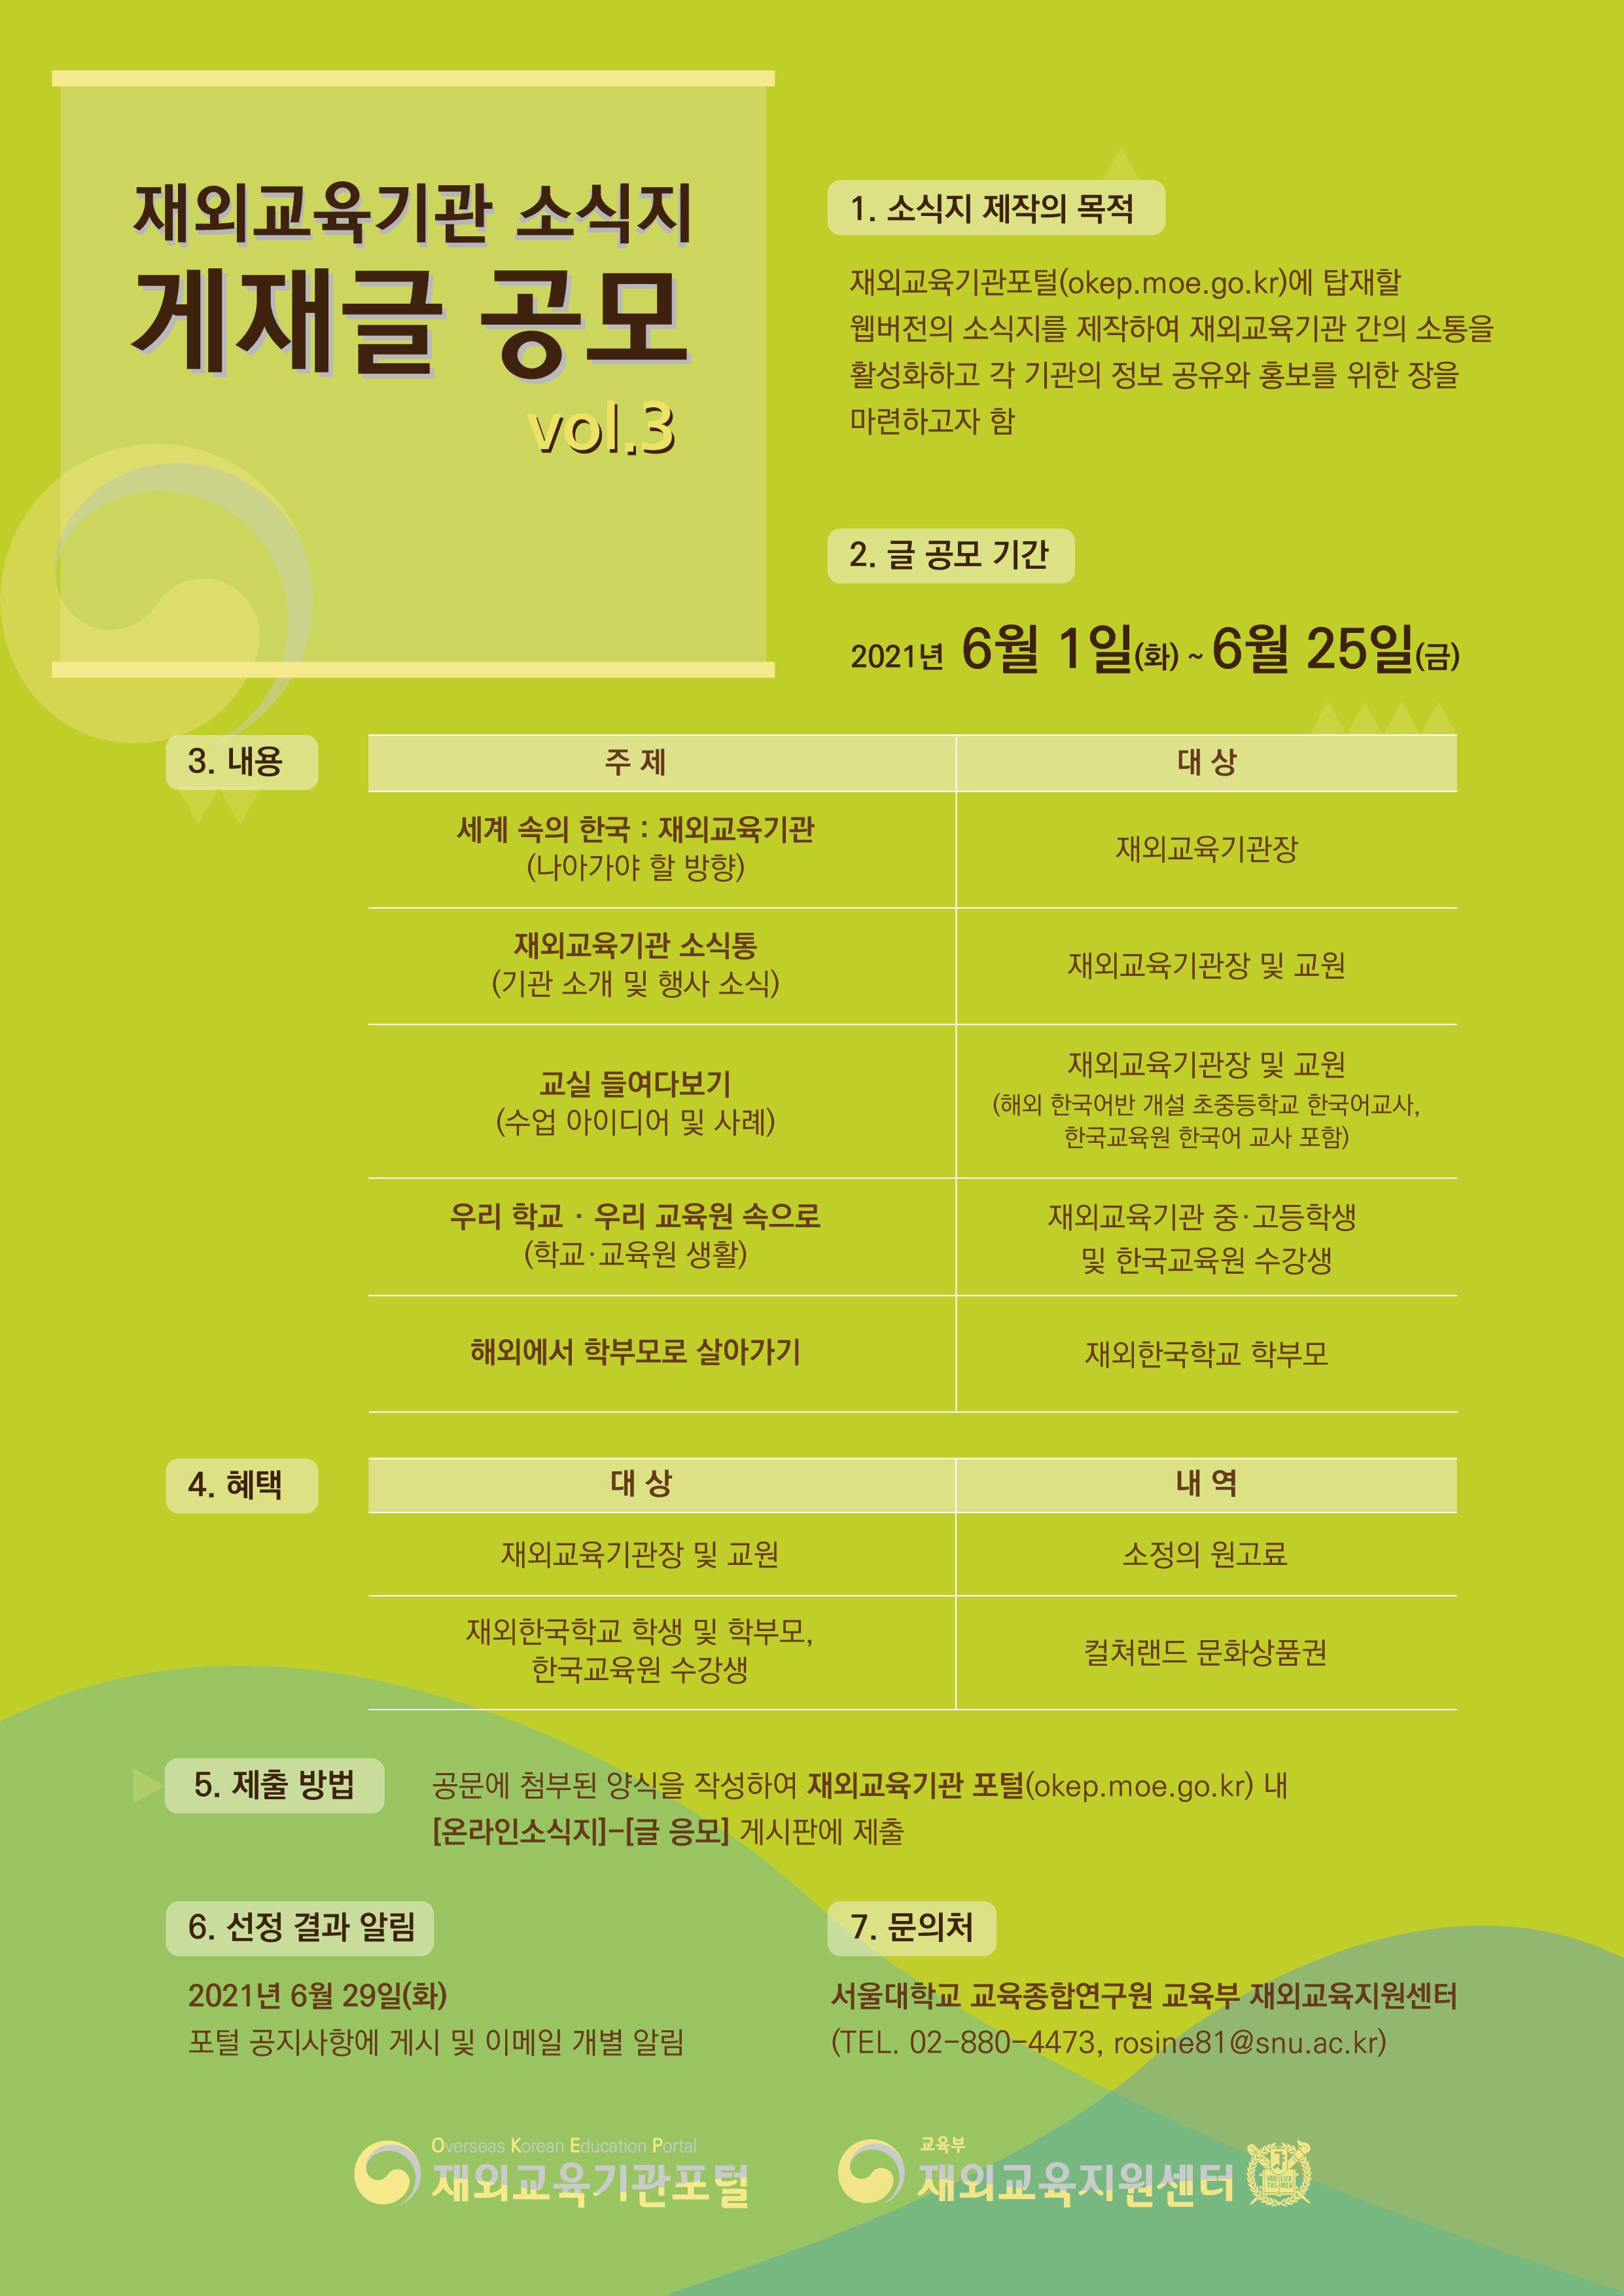 재외교육기관 온라인 소식지 제3호 게재글 공모 포스터.png